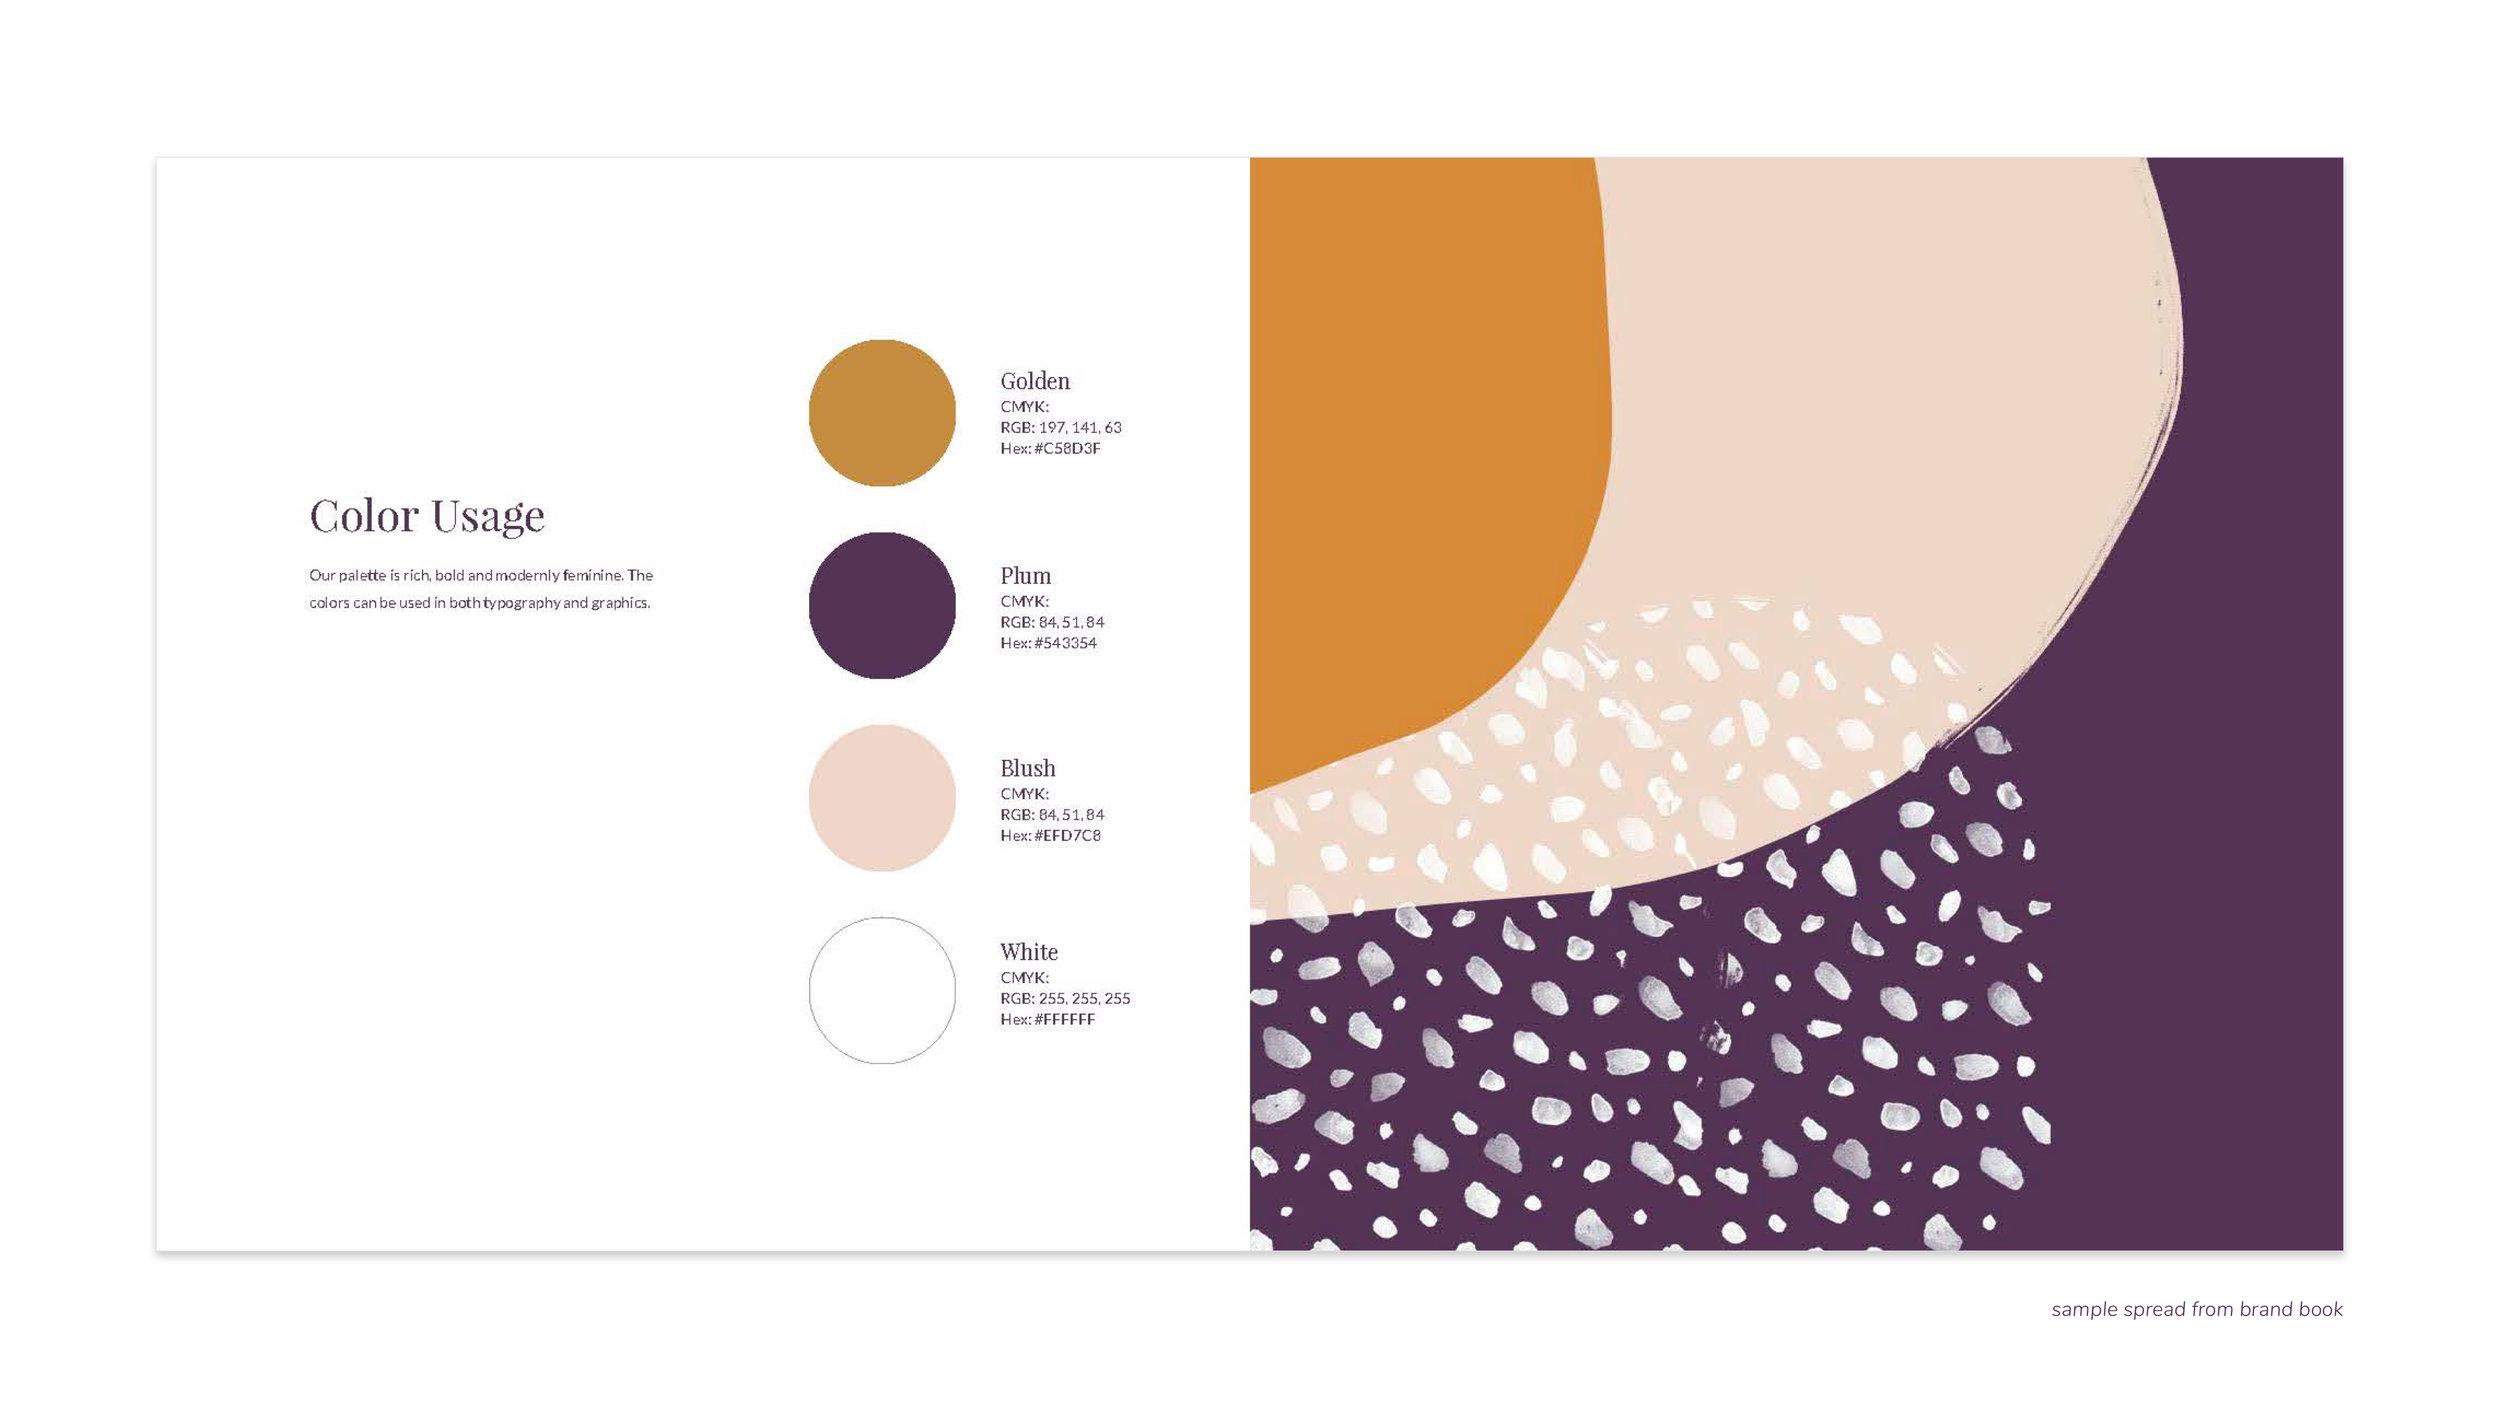 colorusage.jpg